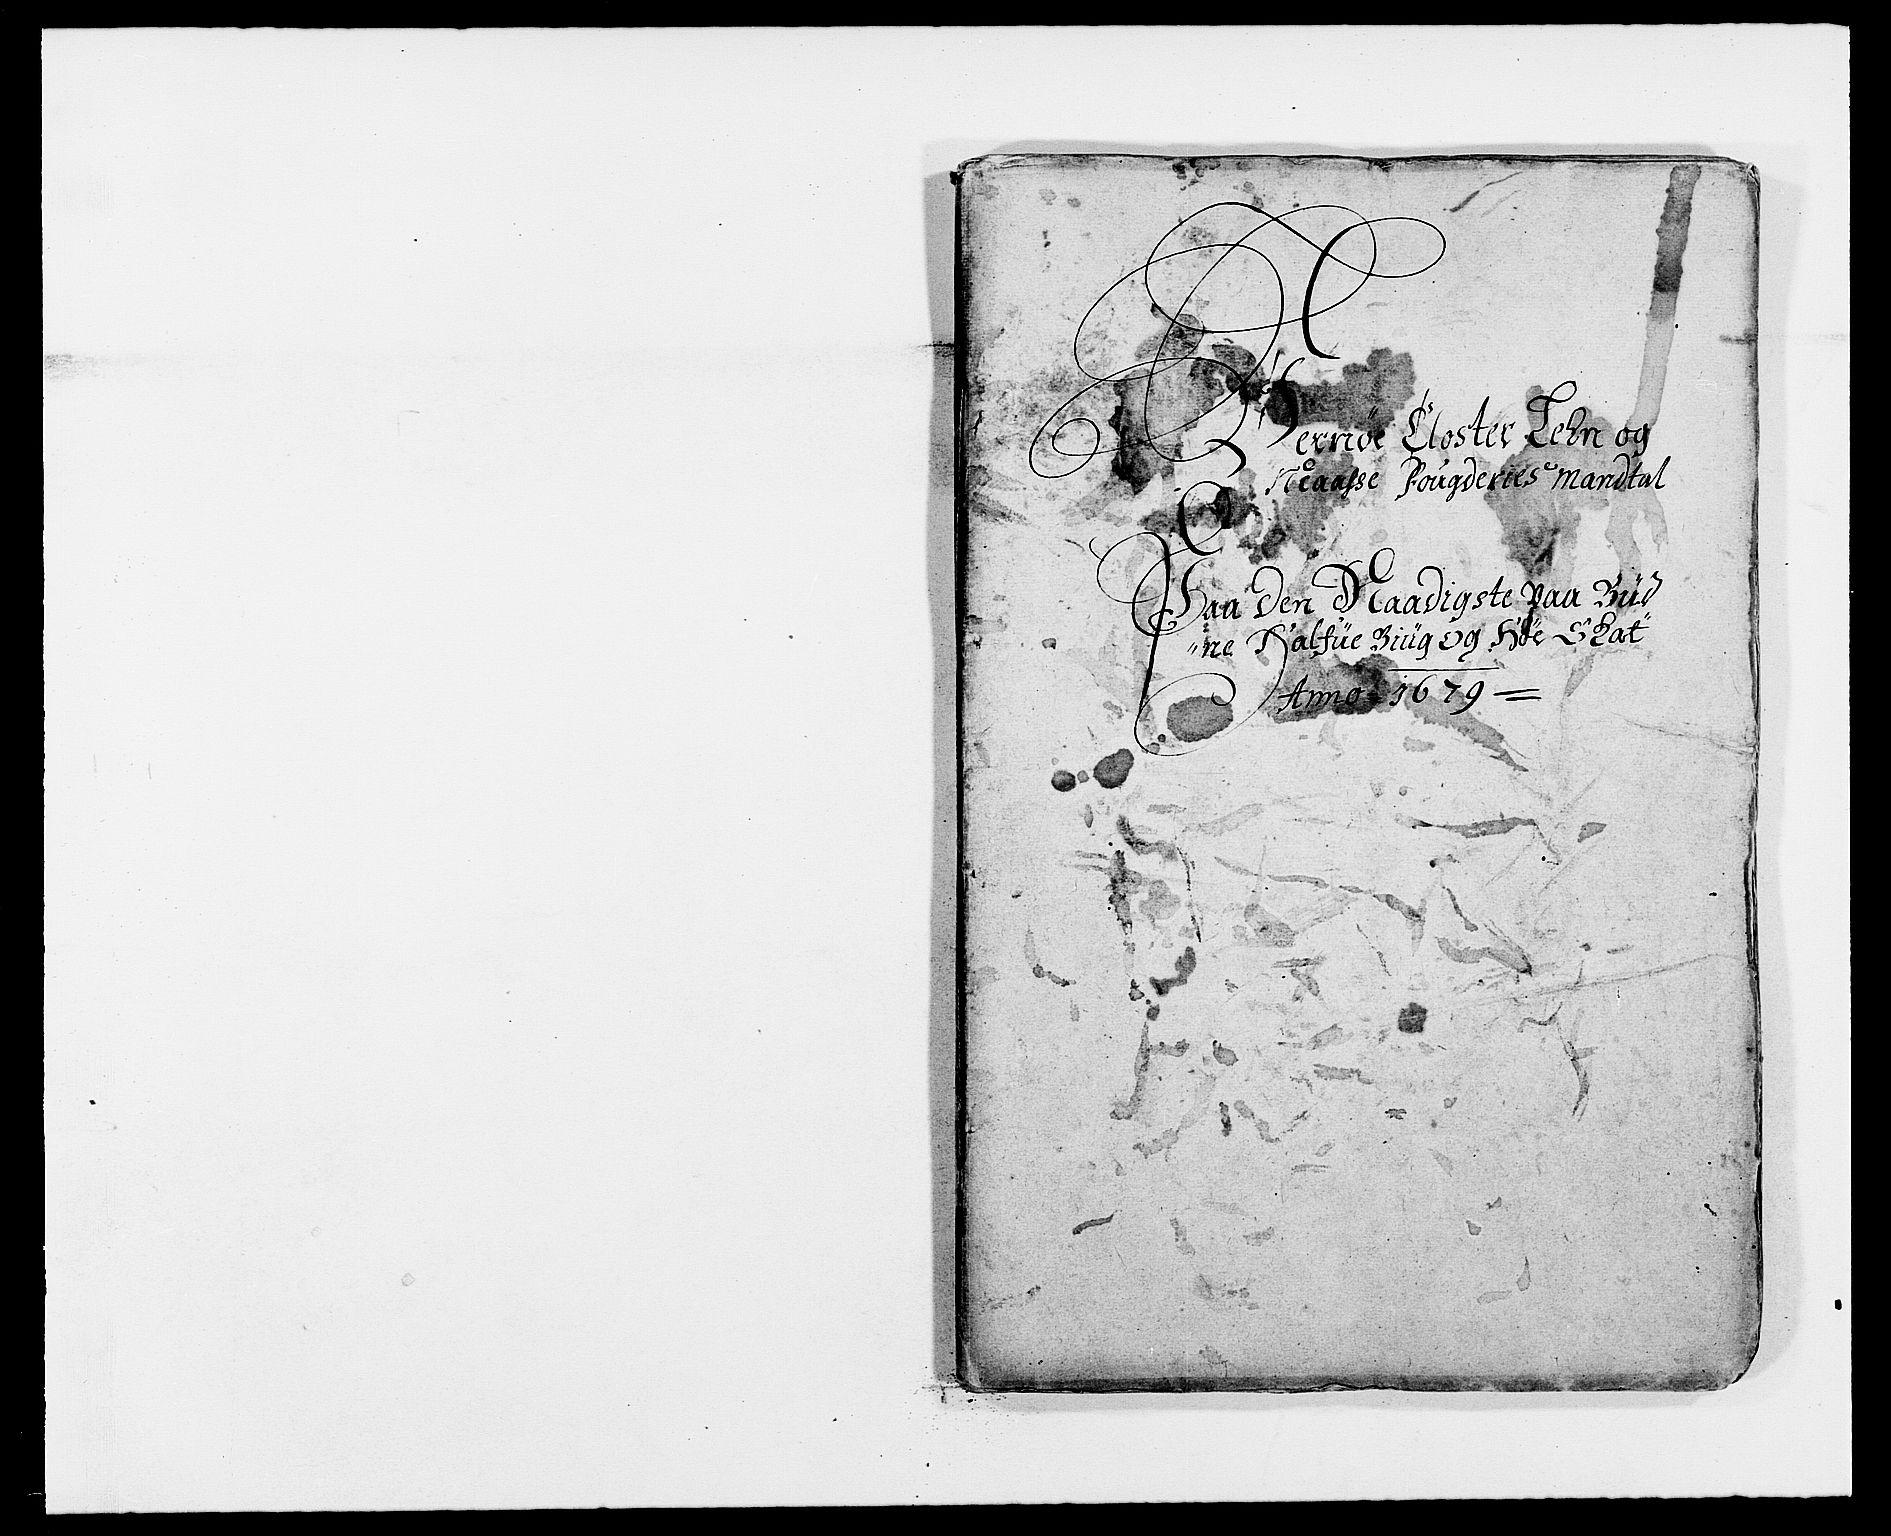 RA, Rentekammeret inntil 1814, Reviderte regnskaper, Fogderegnskap, R02/L0100: Fogderegnskap Moss og Verne kloster, 1679, s. 143